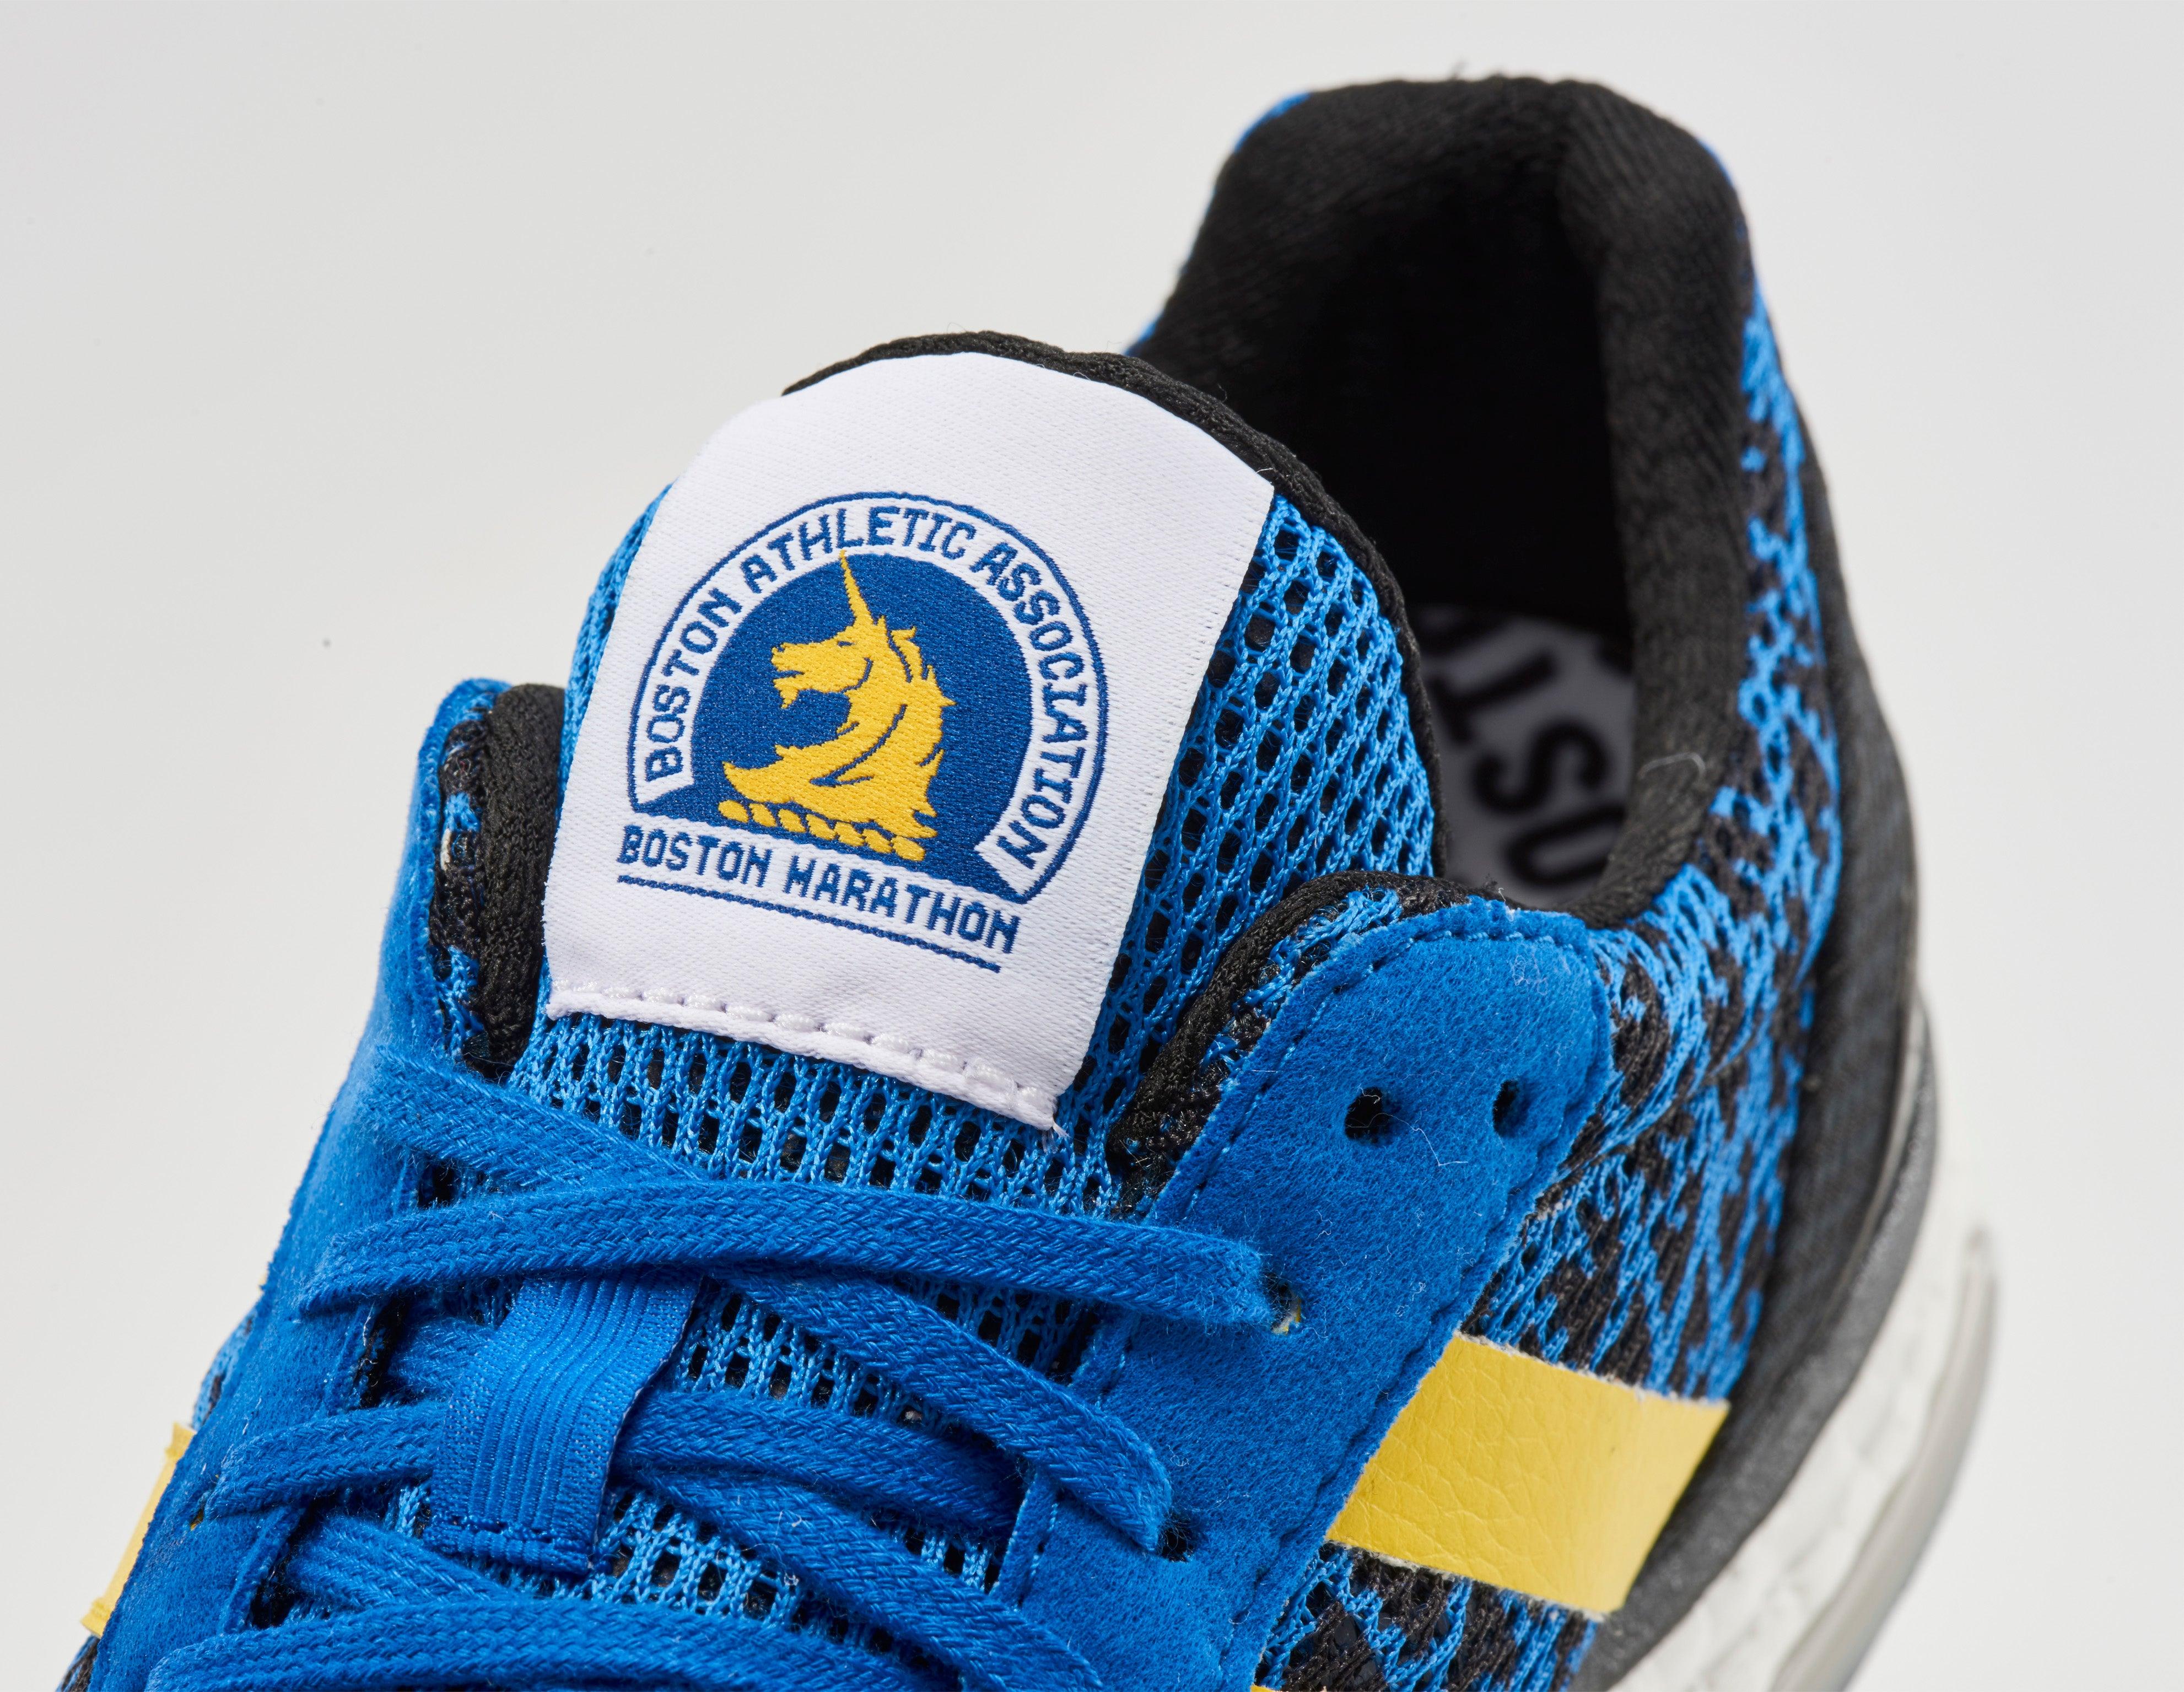 Adidas marathon shoe tongue